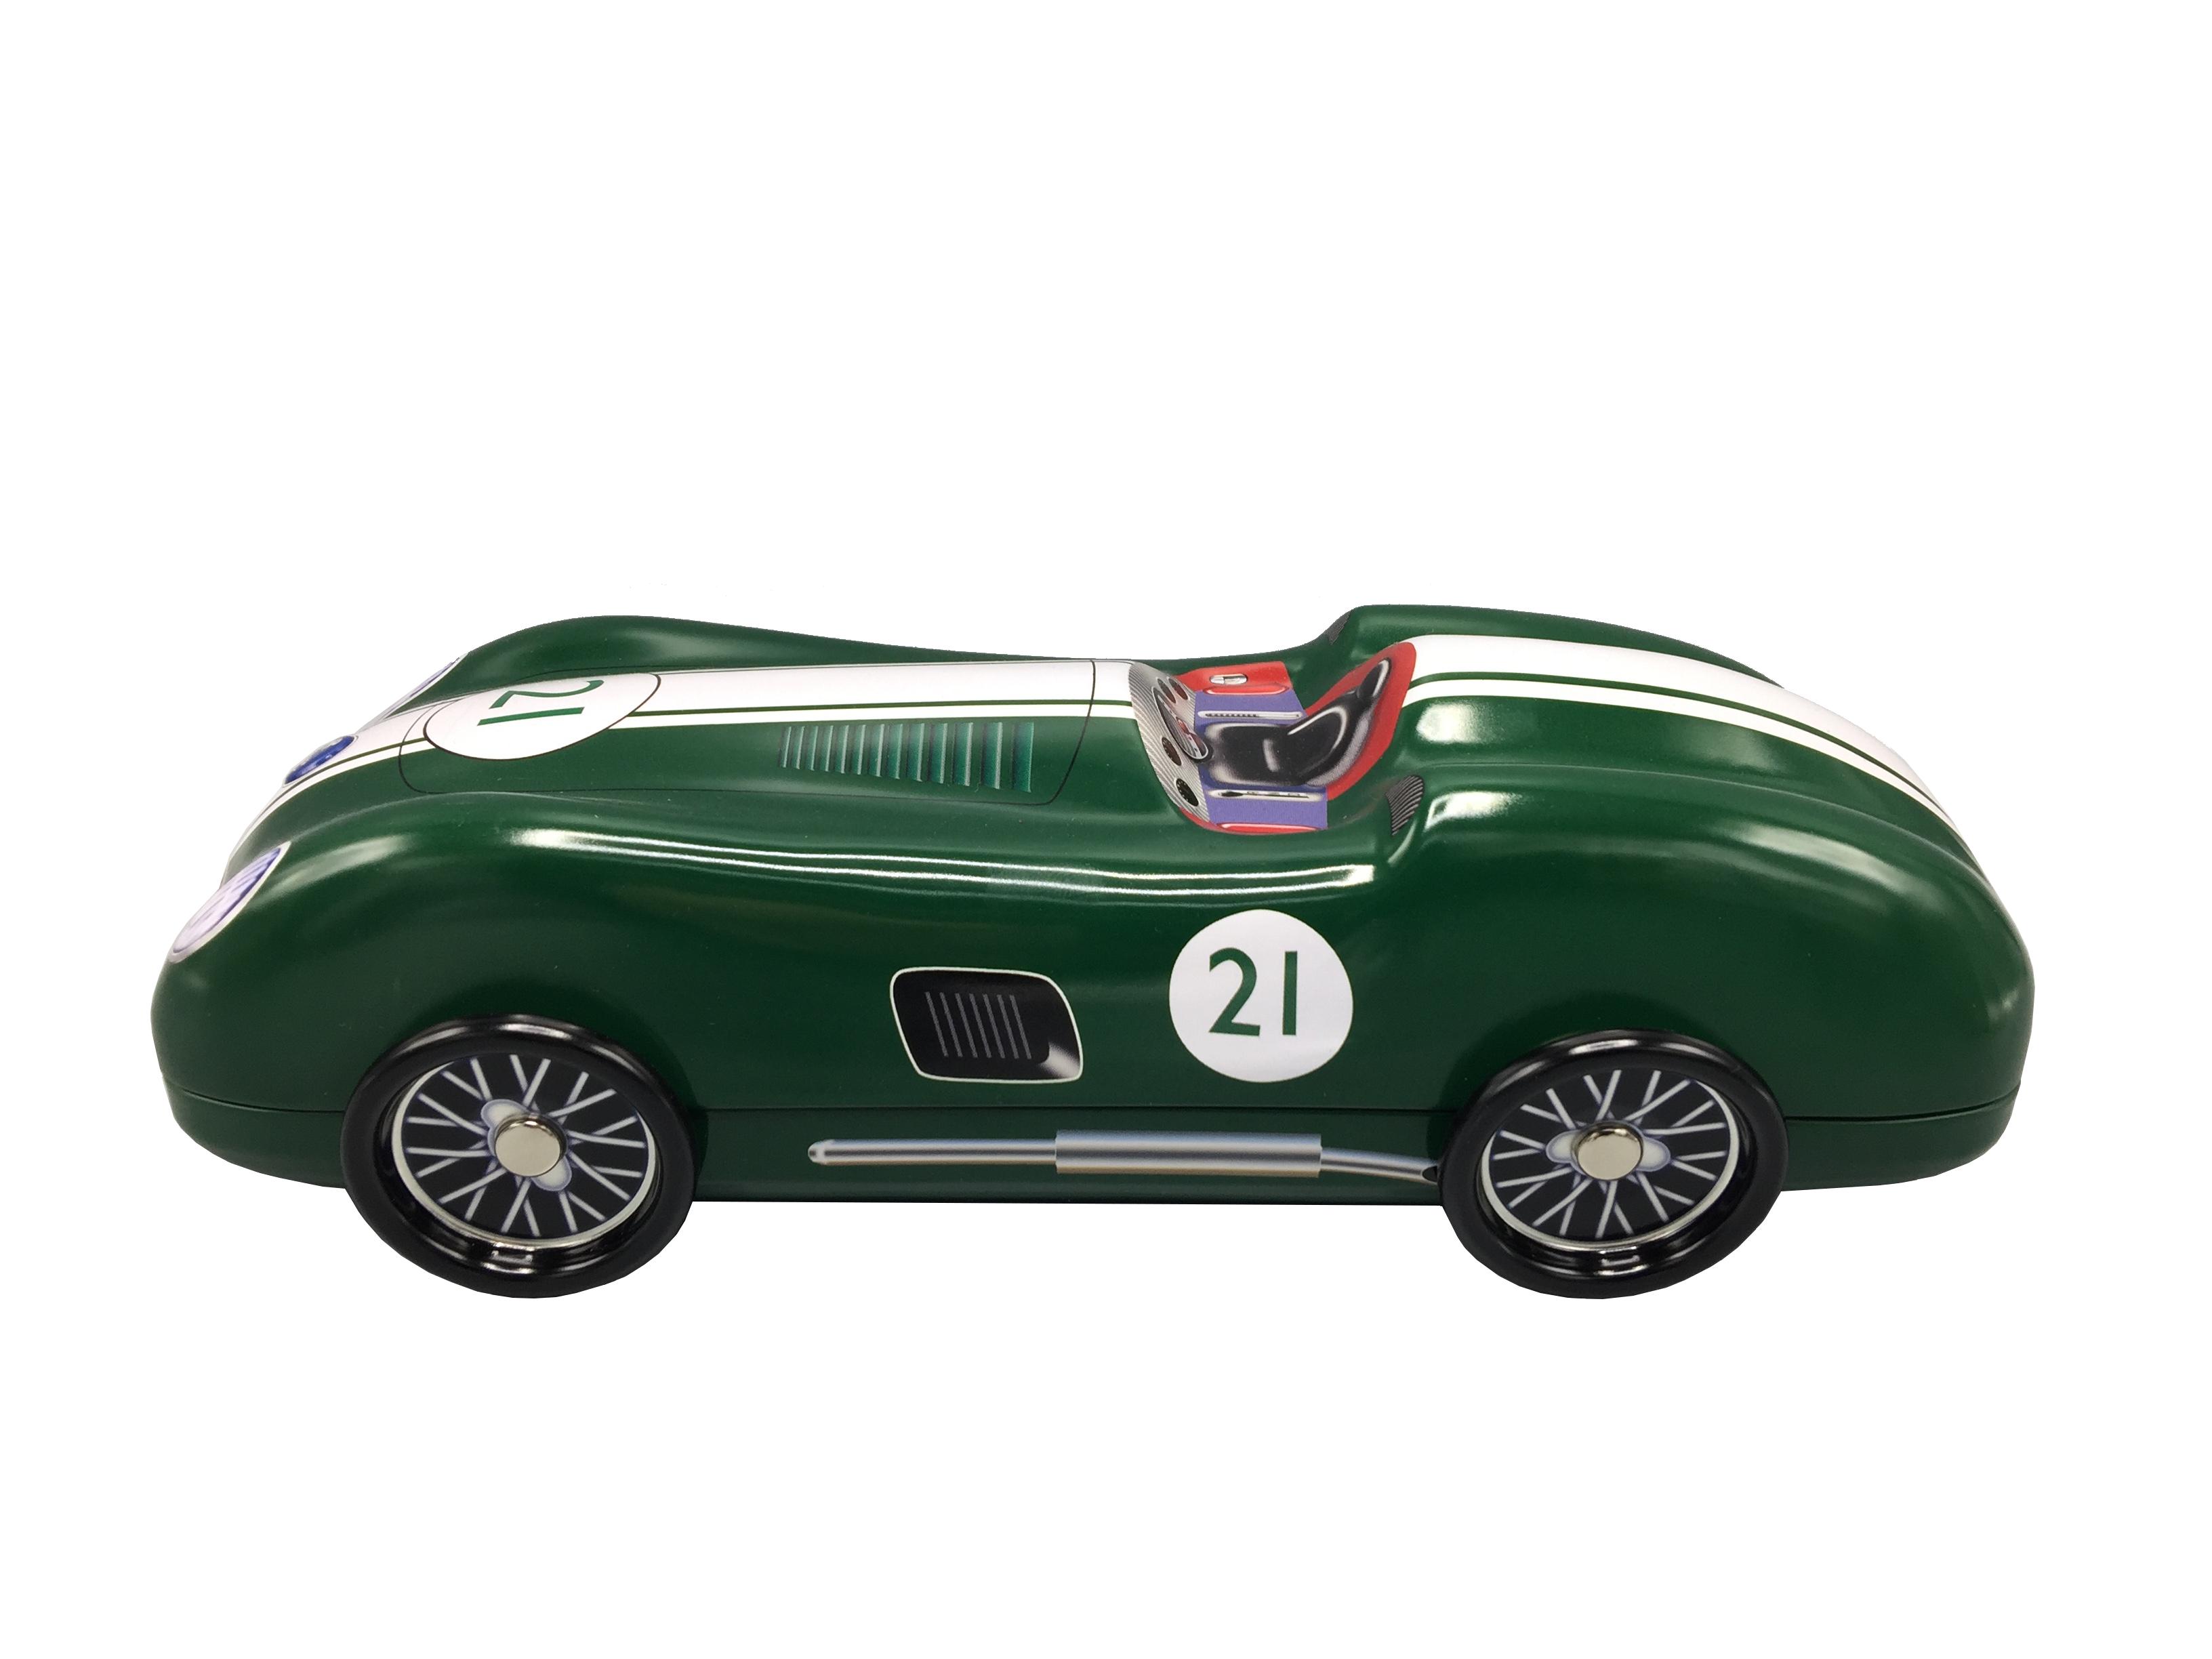 10030 Speedster Nr. 21 grün